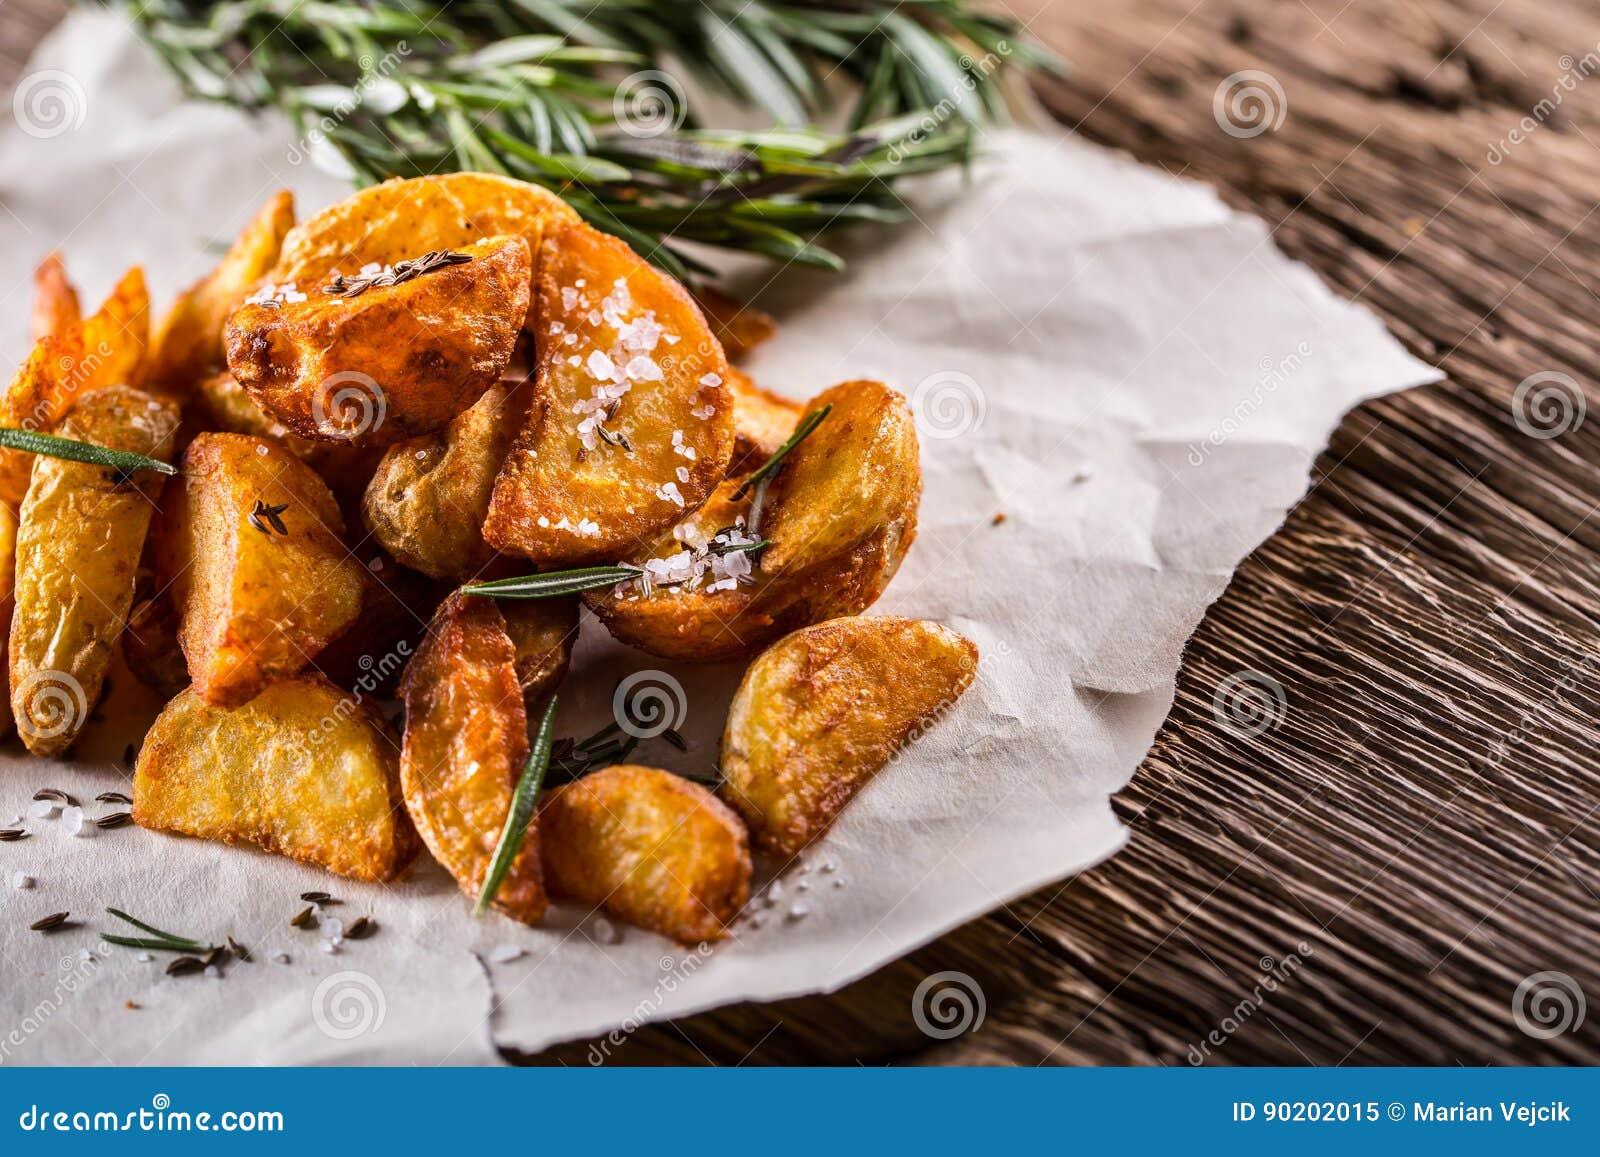 Batata Batatas Roasted Batatas americanas com alecrins e cominhos de sal A batata Roasted firma friável delicioso